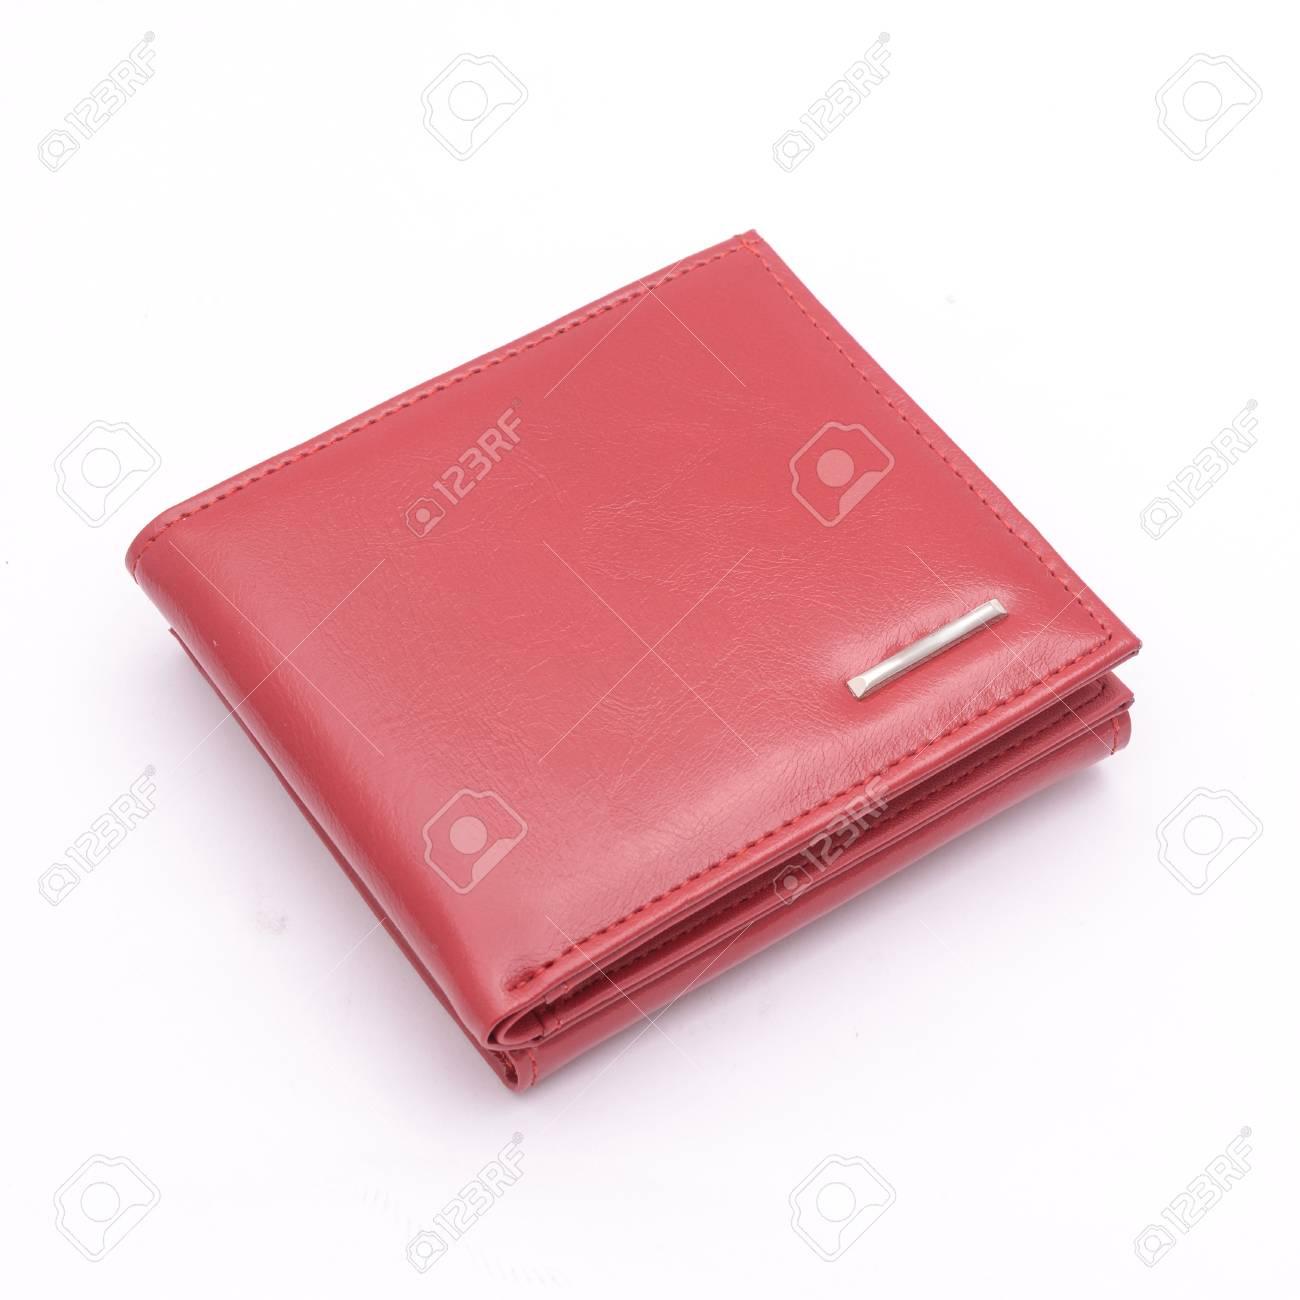 7d7685a8860 Rode Portemonnee Geïsoleerd Op Wit Royalty-Vrije Foto, Plaatjes ...